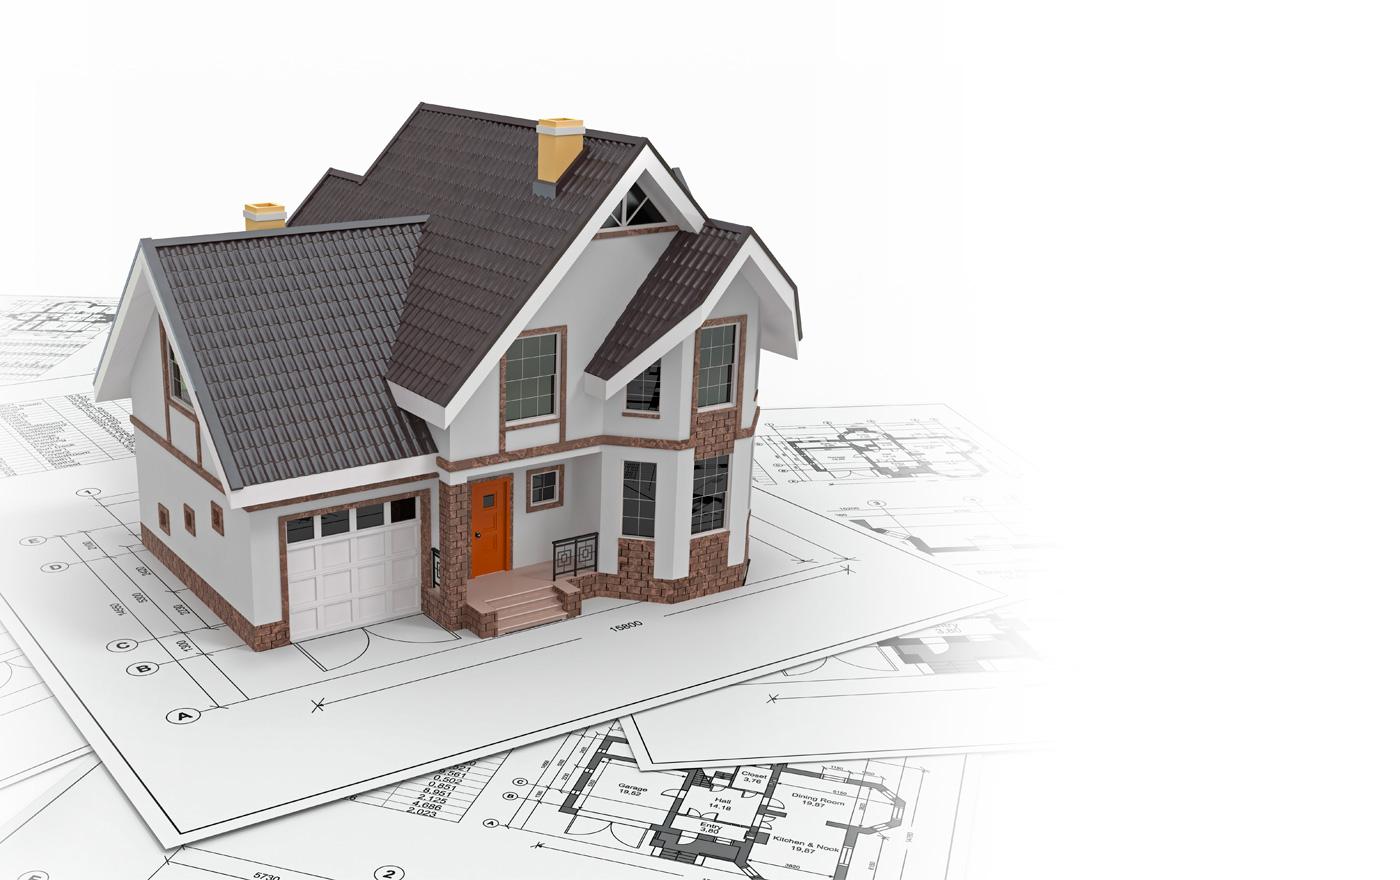 Maison pour le spécialiste de l'inspection en bâtiment résidentiel